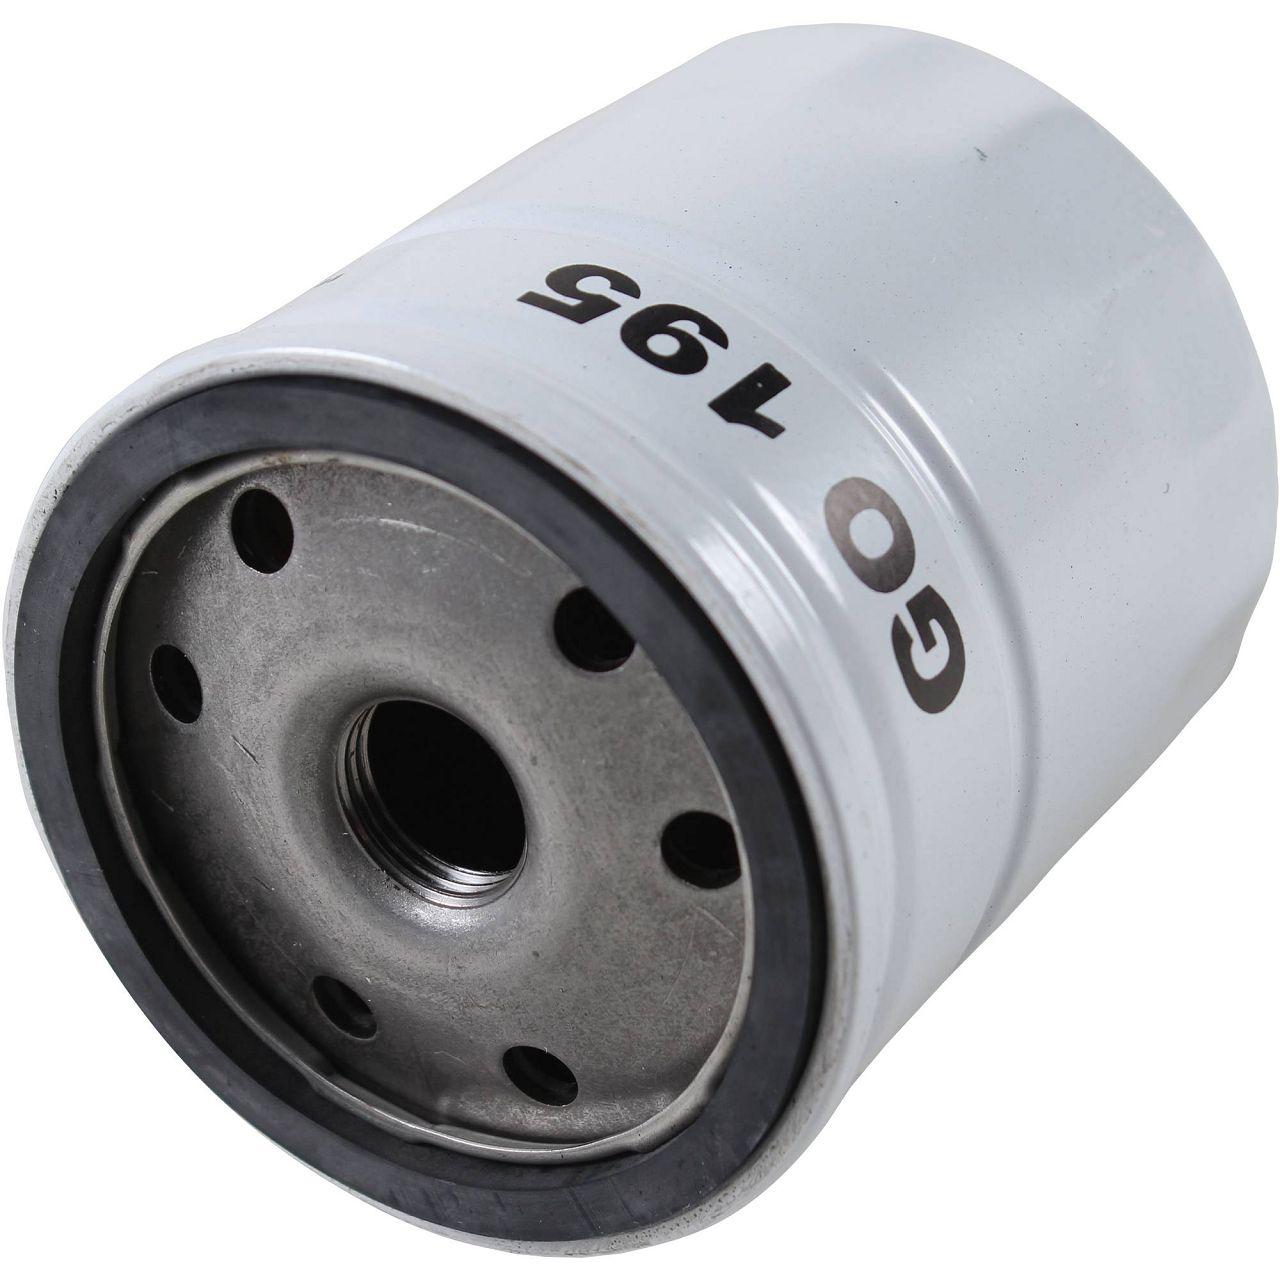 Inspektionskit BEHR für OPEL Astra G Zafira A 1.4-2.0 OPC ab Motor-Nr. 20V00605